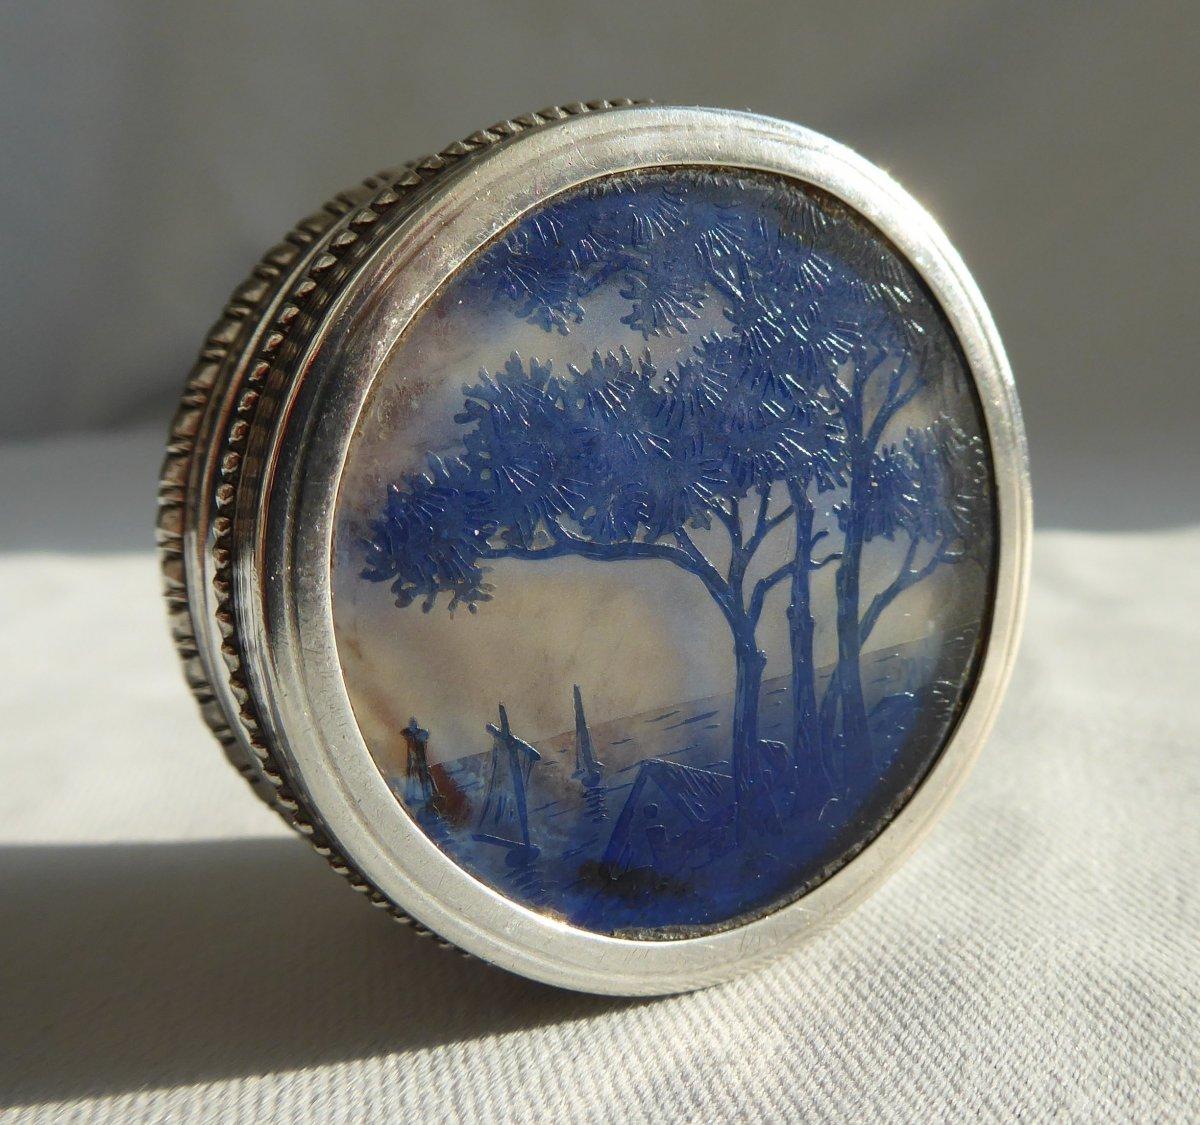 Box Art Nouveau Period Pills Sterling Silver & Art Nouveau Glass Pate Cross Lorraine